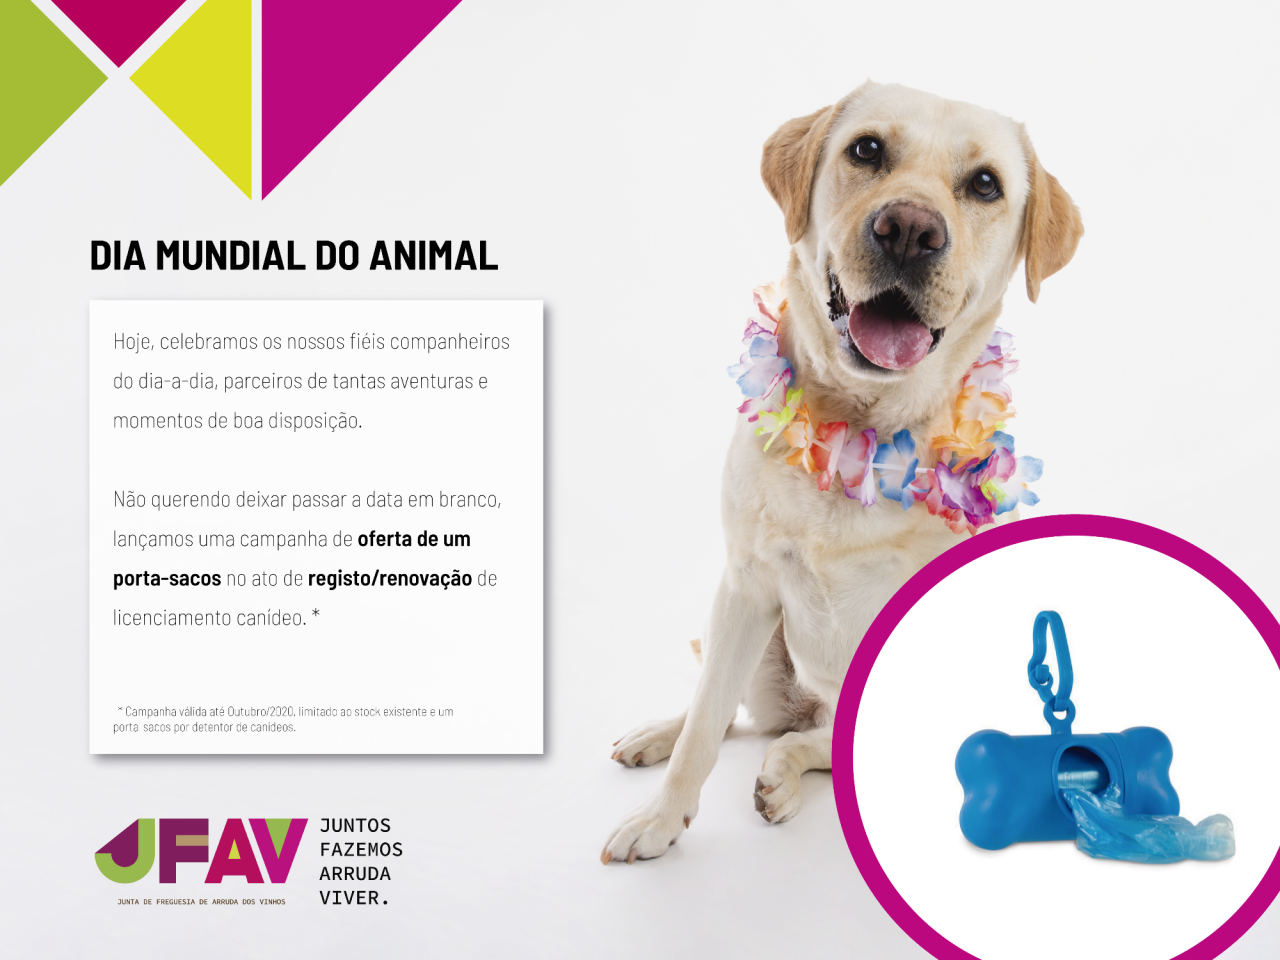 JFAV celebra Dia do Animal com campanha de oferta de porta-sacos